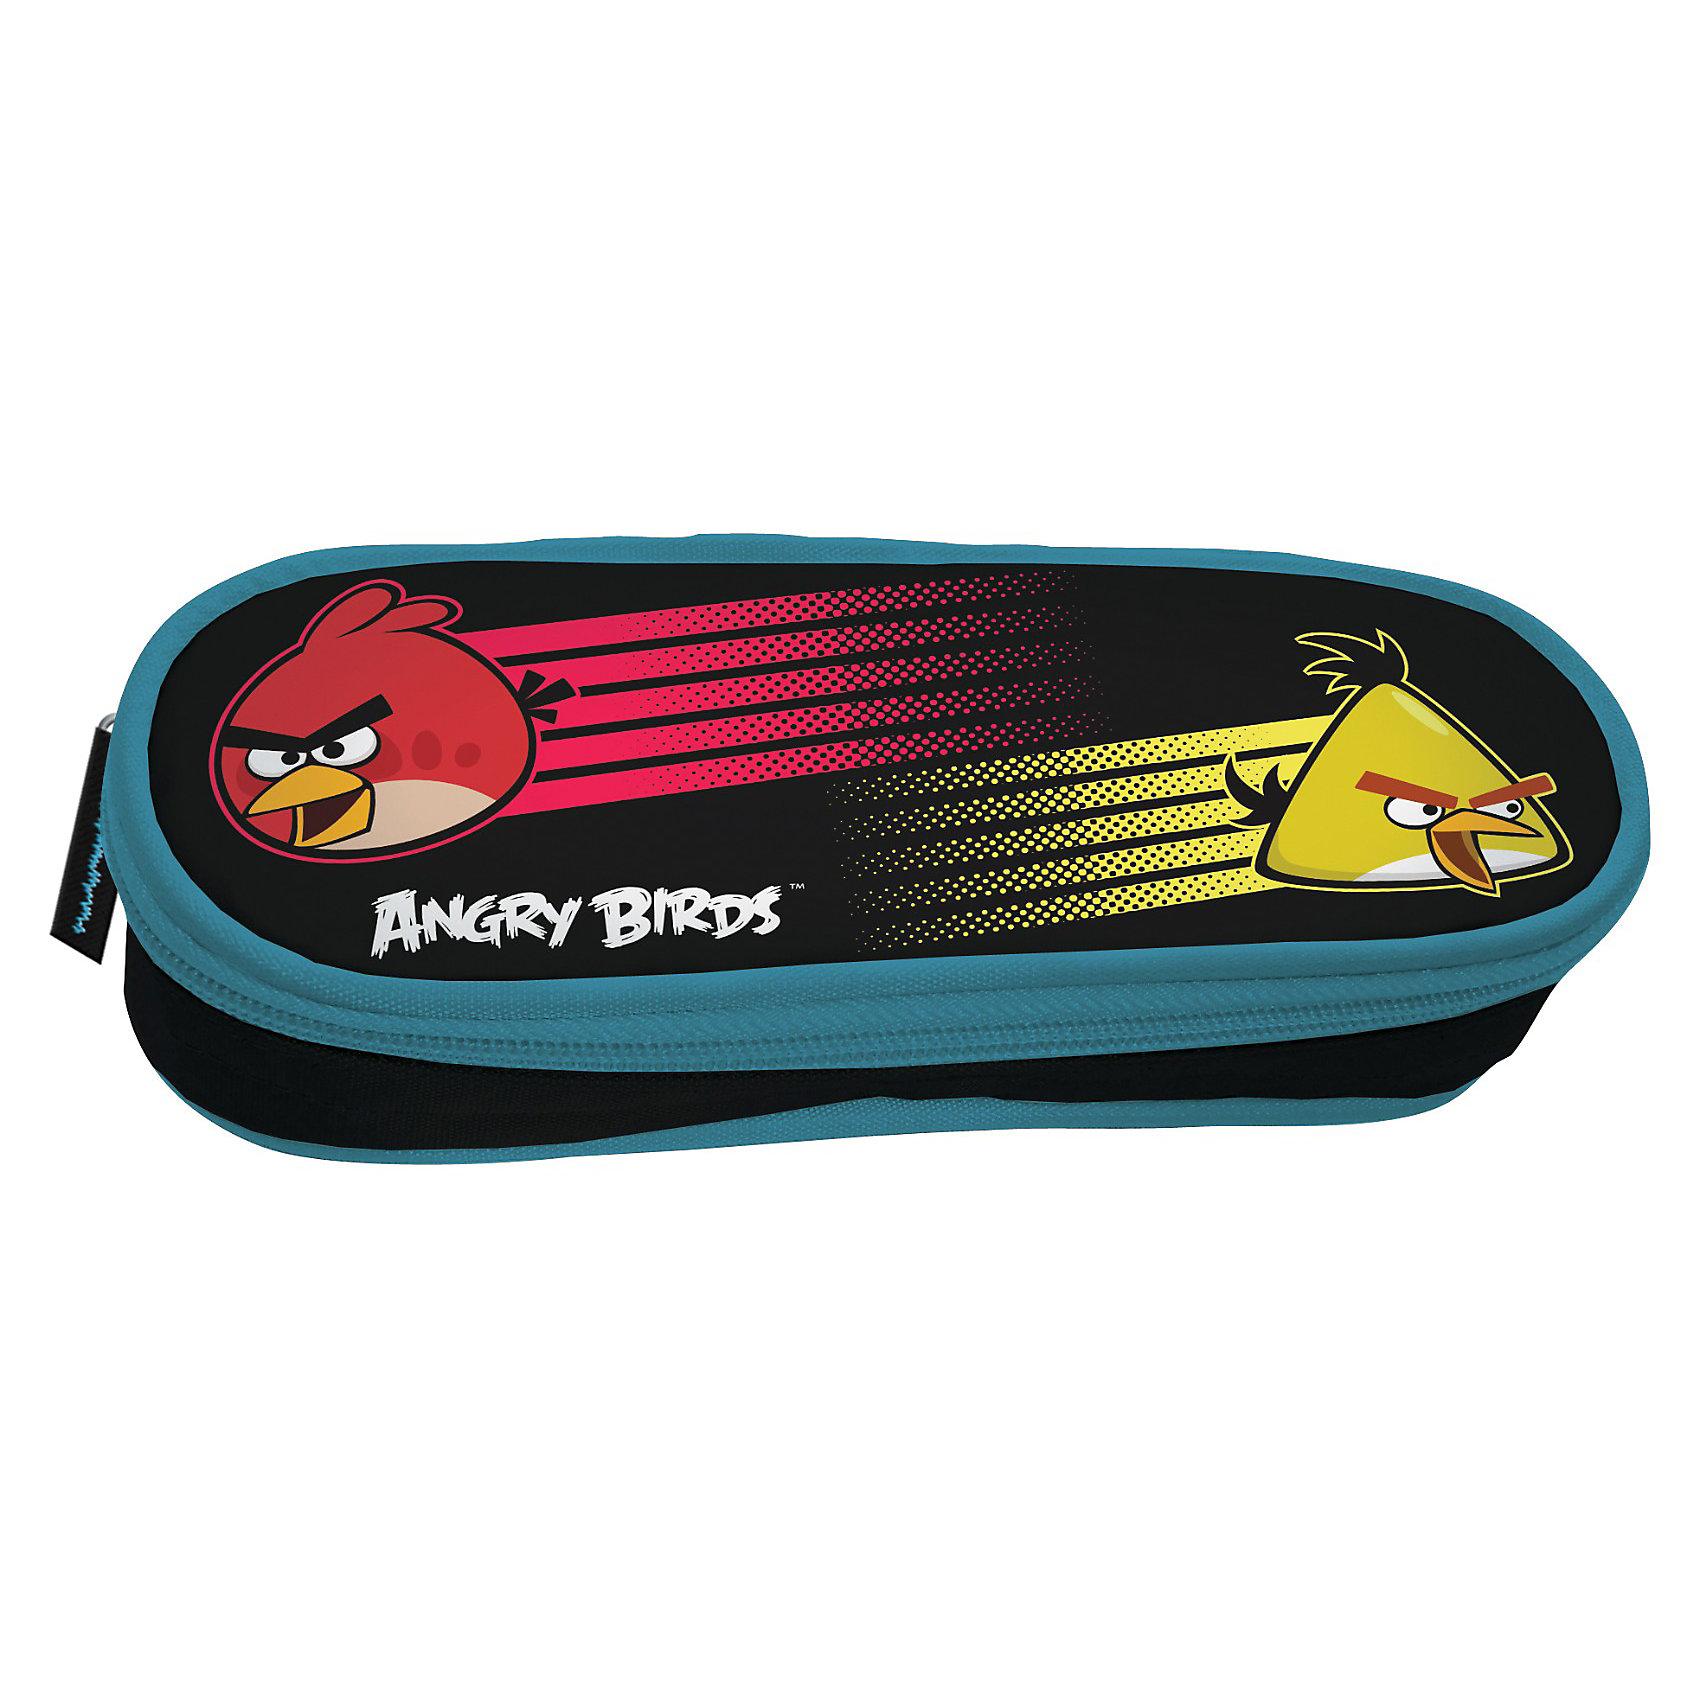 Пенал-косметичка, Angry BirdsПенал-косметичка, Angry Birds (Энри Бердс) – поможет Вашему ребенку организовать свое школьное место и собрать все канцтовары в школу.<br>Малыш обязательно оценит этот стильный и яркий косметичку-пенал, который станет лучшим украшением его школьной парты. Пенал жесткий. Одно большое отделение с фиксаторами для канцелярских принадлежностей. Закрывается на молнию. <br><br>Дополнительная информация:<br><br>- Размер: 5х21х7,5 см.<br><br>Пенал-косметичку, Angry Birds (Энри Бердс) можно купить в нашем интернет-магазине.<br><br>Ширина мм: 50<br>Глубина мм: 210<br>Высота мм: 75<br>Вес г: 117<br>Возраст от месяцев: 120<br>Возраст до месяцев: 144<br>Пол: Унисекс<br>Возраст: Детский<br>SKU: 3563255